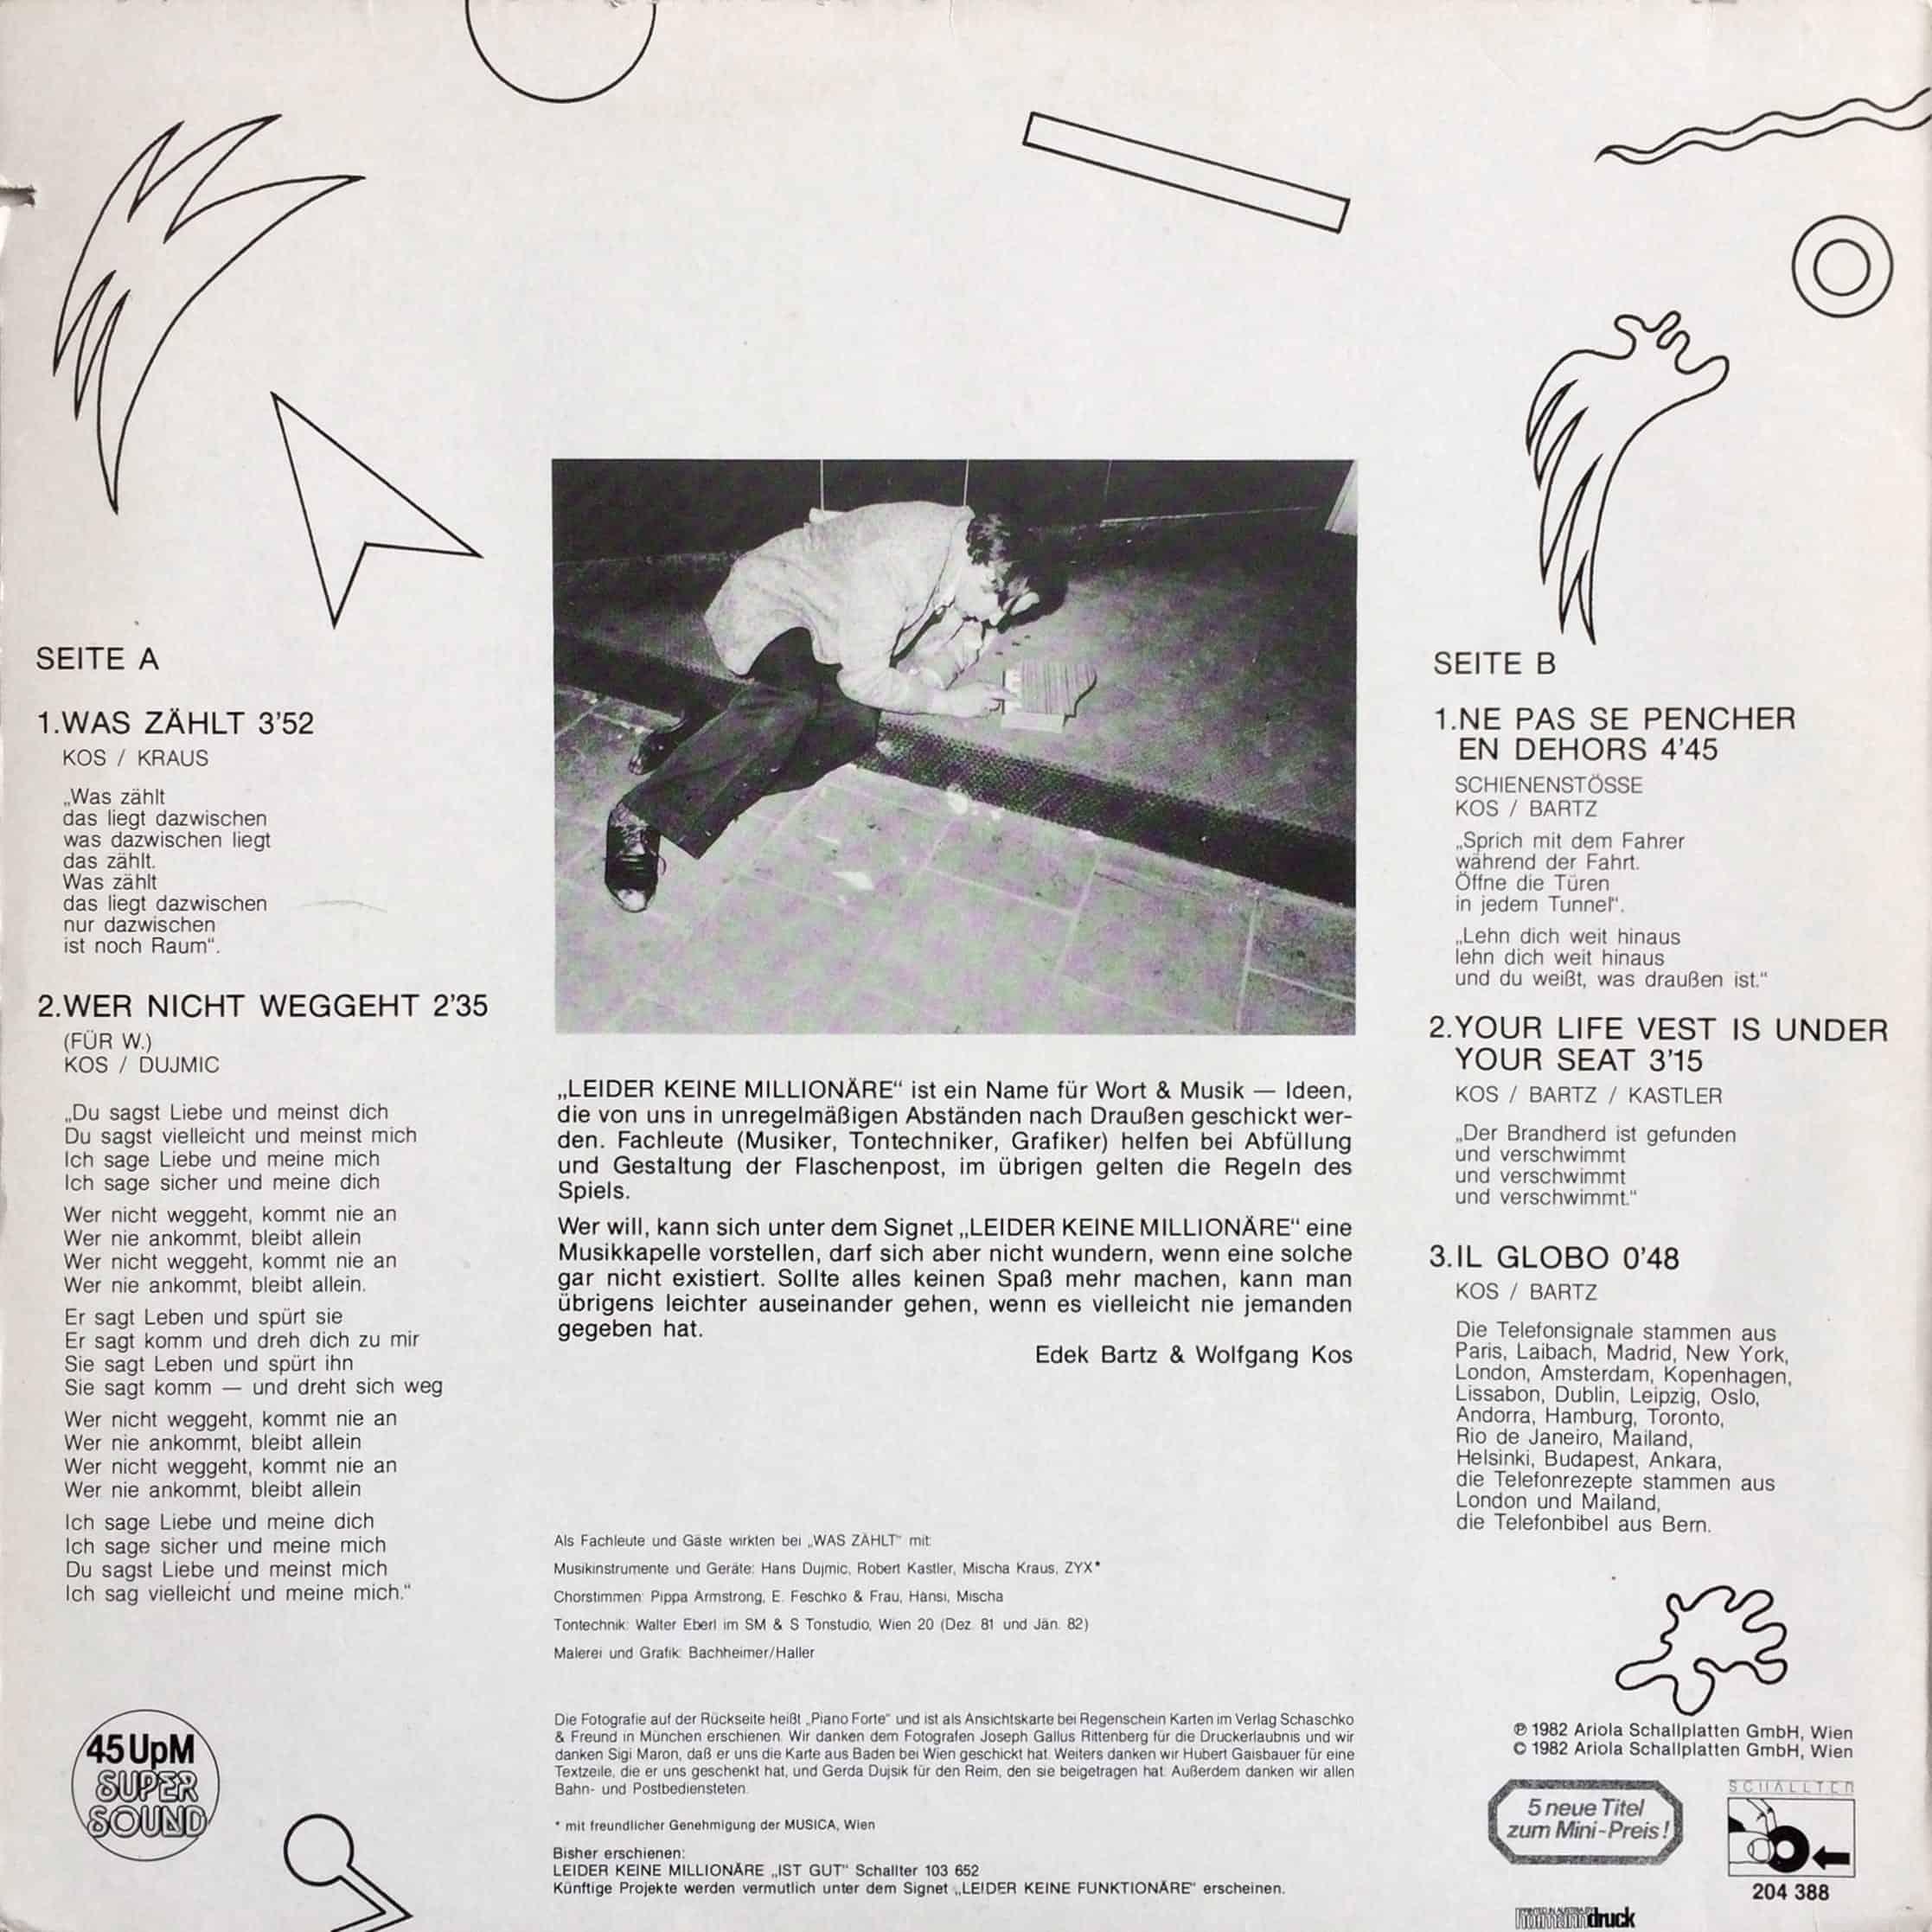 Leider keine Millionäre - Was zählt 1982 Schallter – 204 388